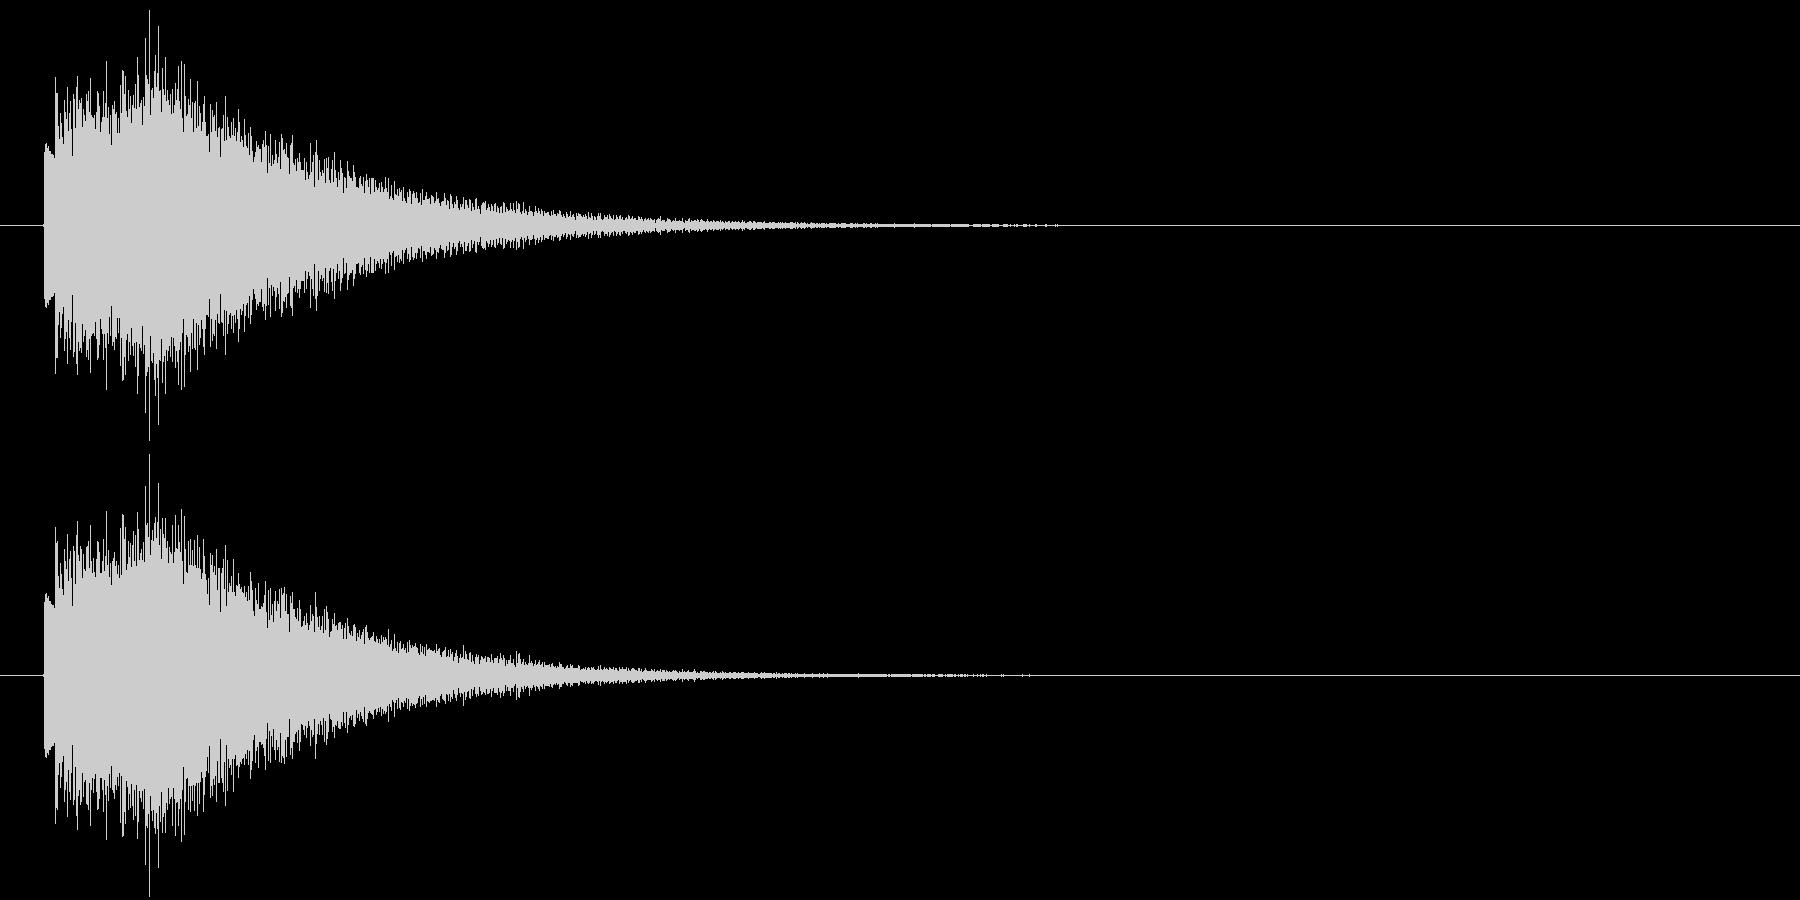 上昇するハープシコード音のSEの未再生の波形